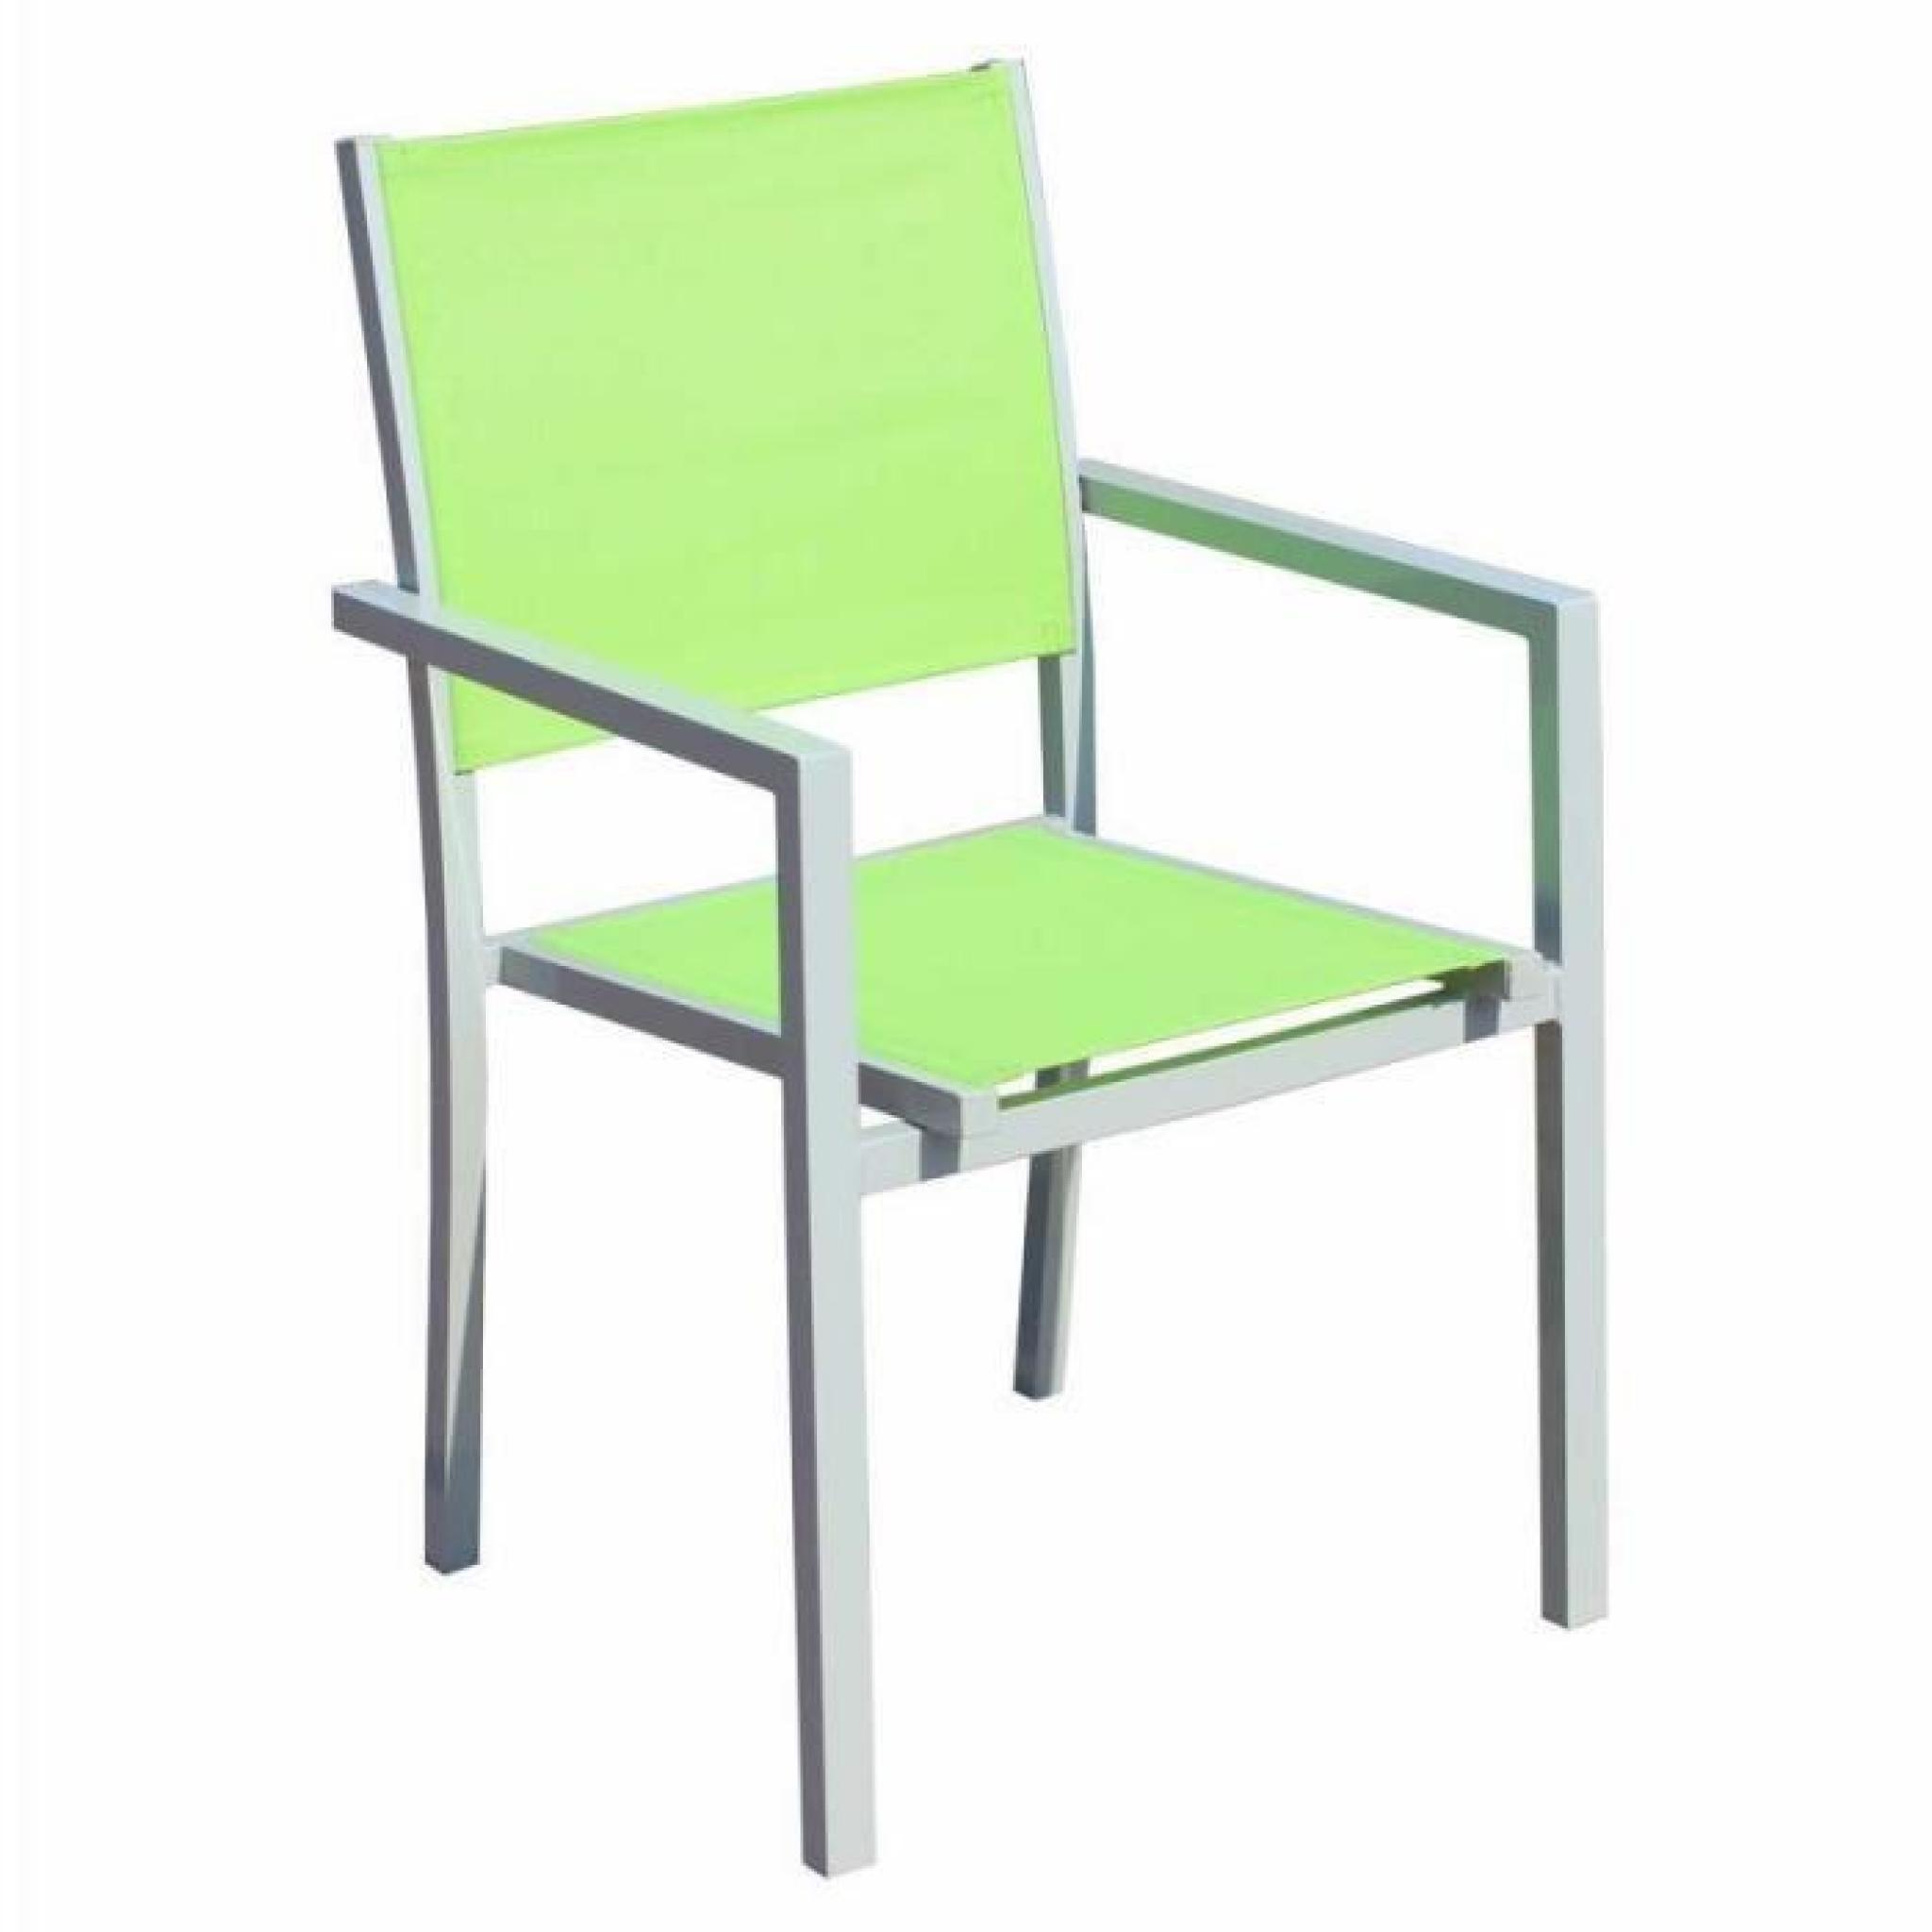 Table et chaises de jardin - 8 fauteuils pliants - Aluminium et ...